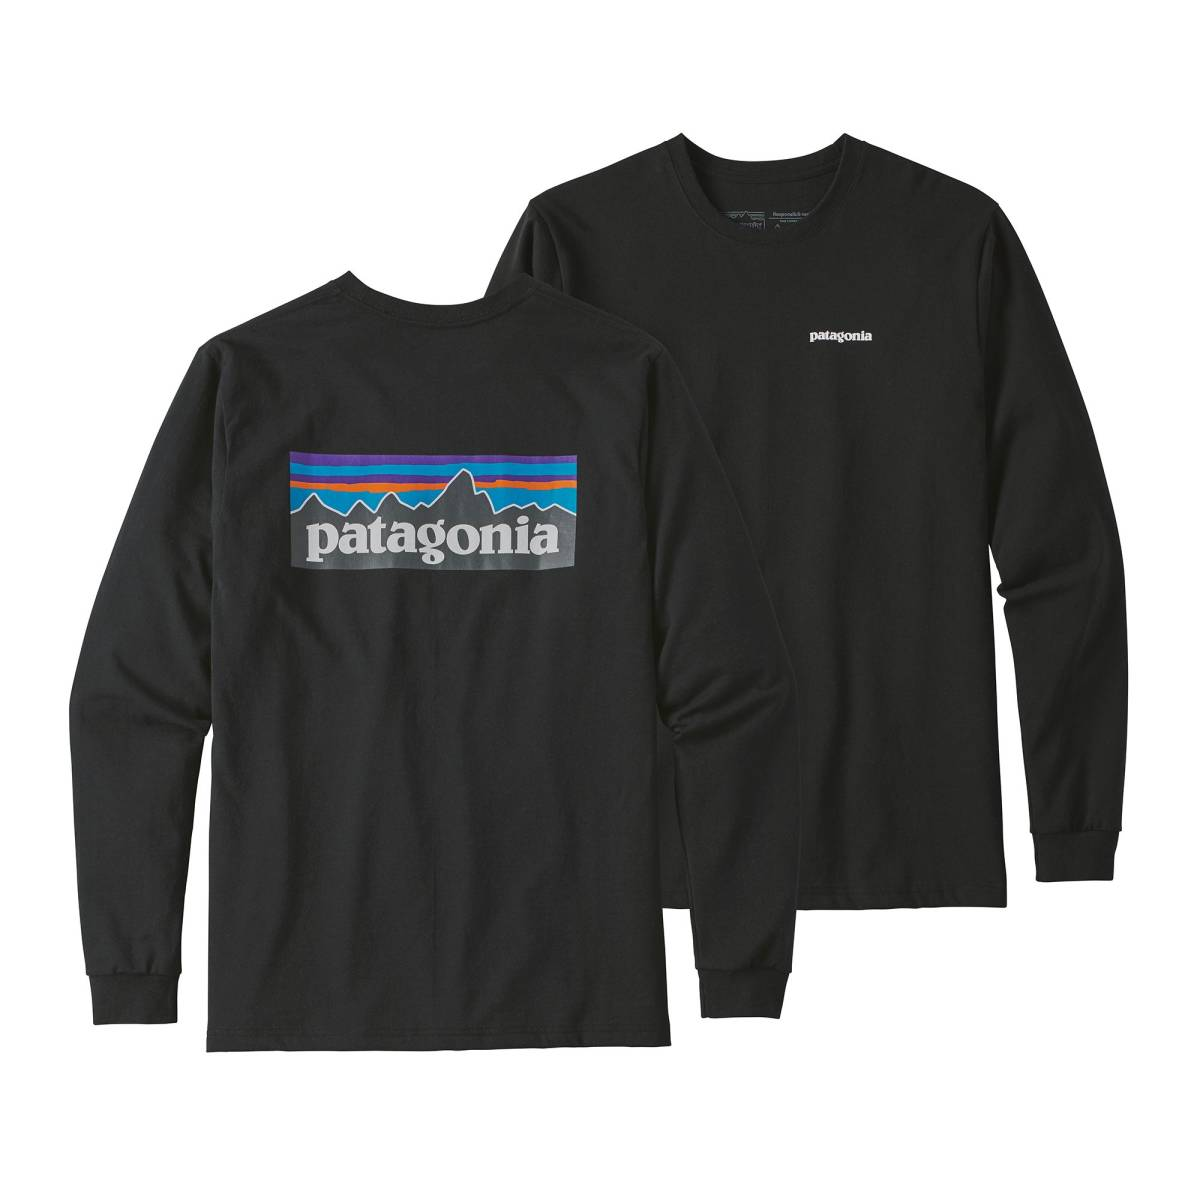 Patagonia Men's L/S P-6 Logo Responsibili-Tee パタゴニア メンズ ロングスリーブ P-6ロゴ レスポンシビリティー 39161 長袖 黒 Lサイズ